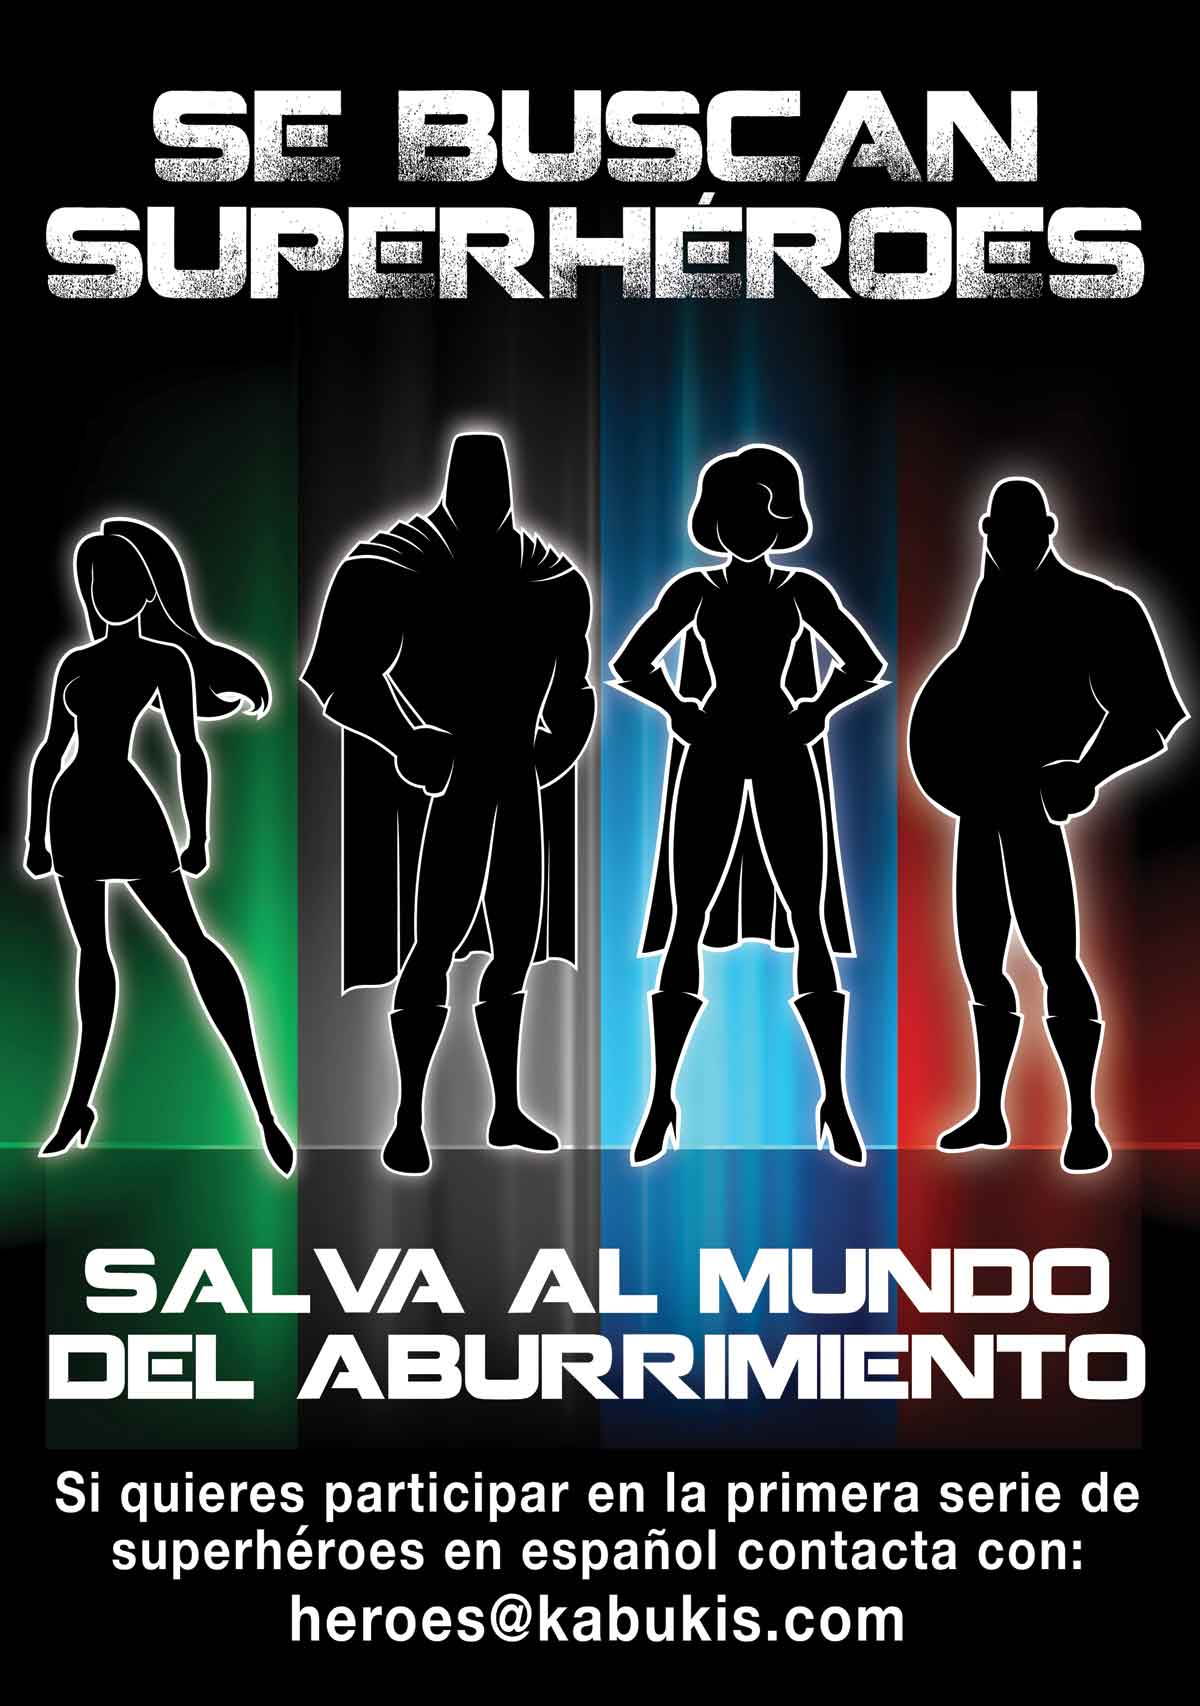 Casting para la primera serie de superhéroes en español